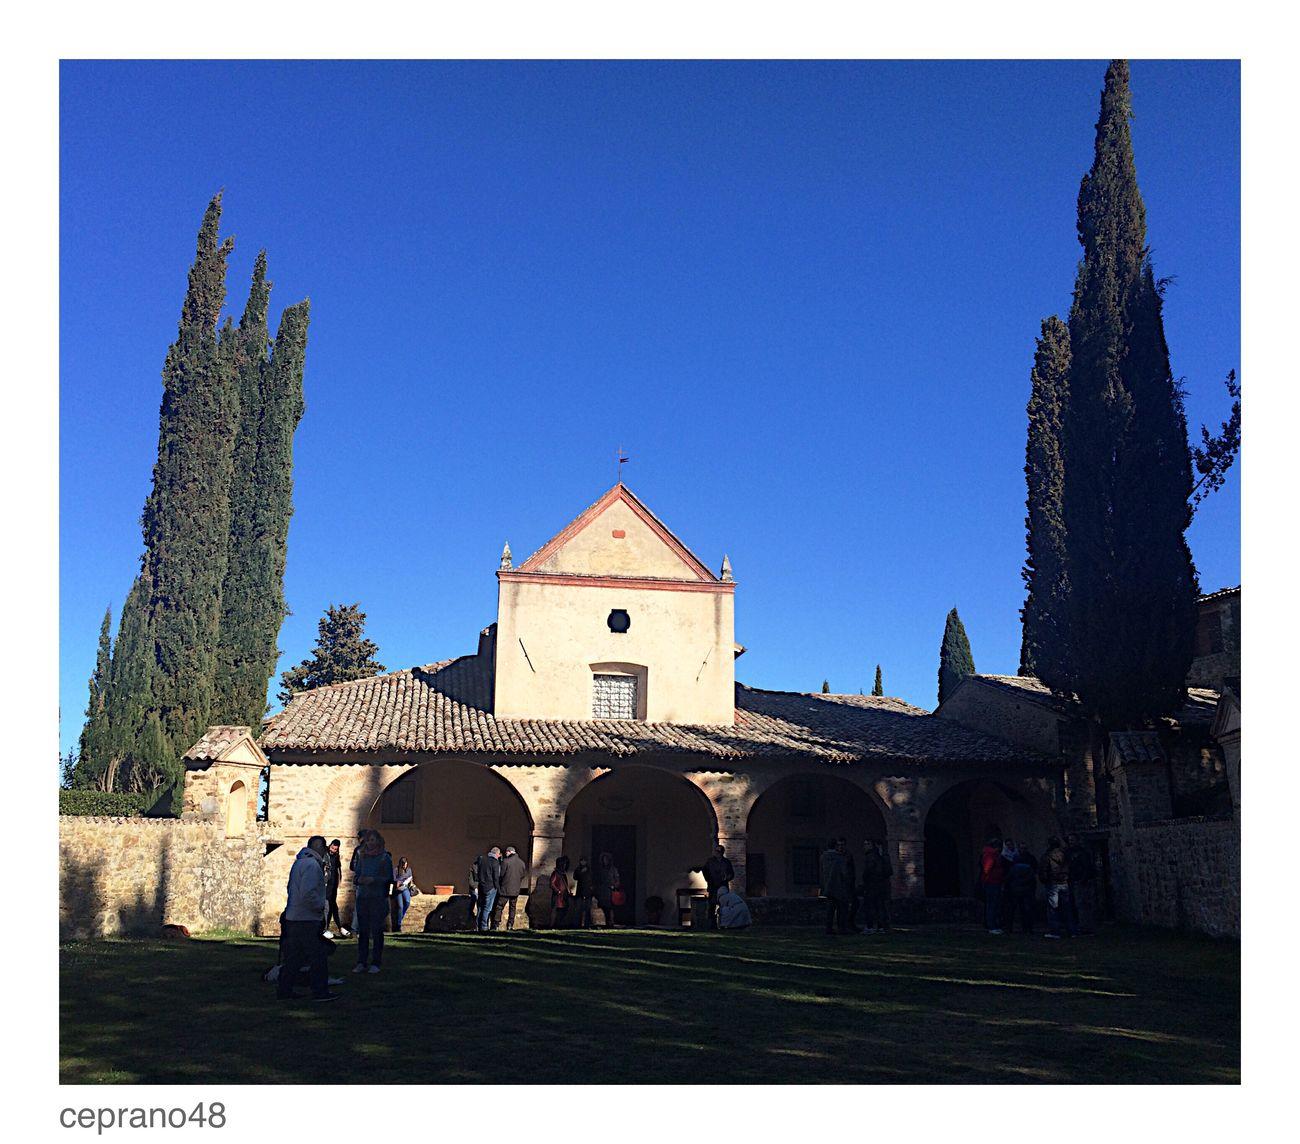 La chiesa della Scarzuola a Montegabbione Umbria Architecture Church Building Exterior